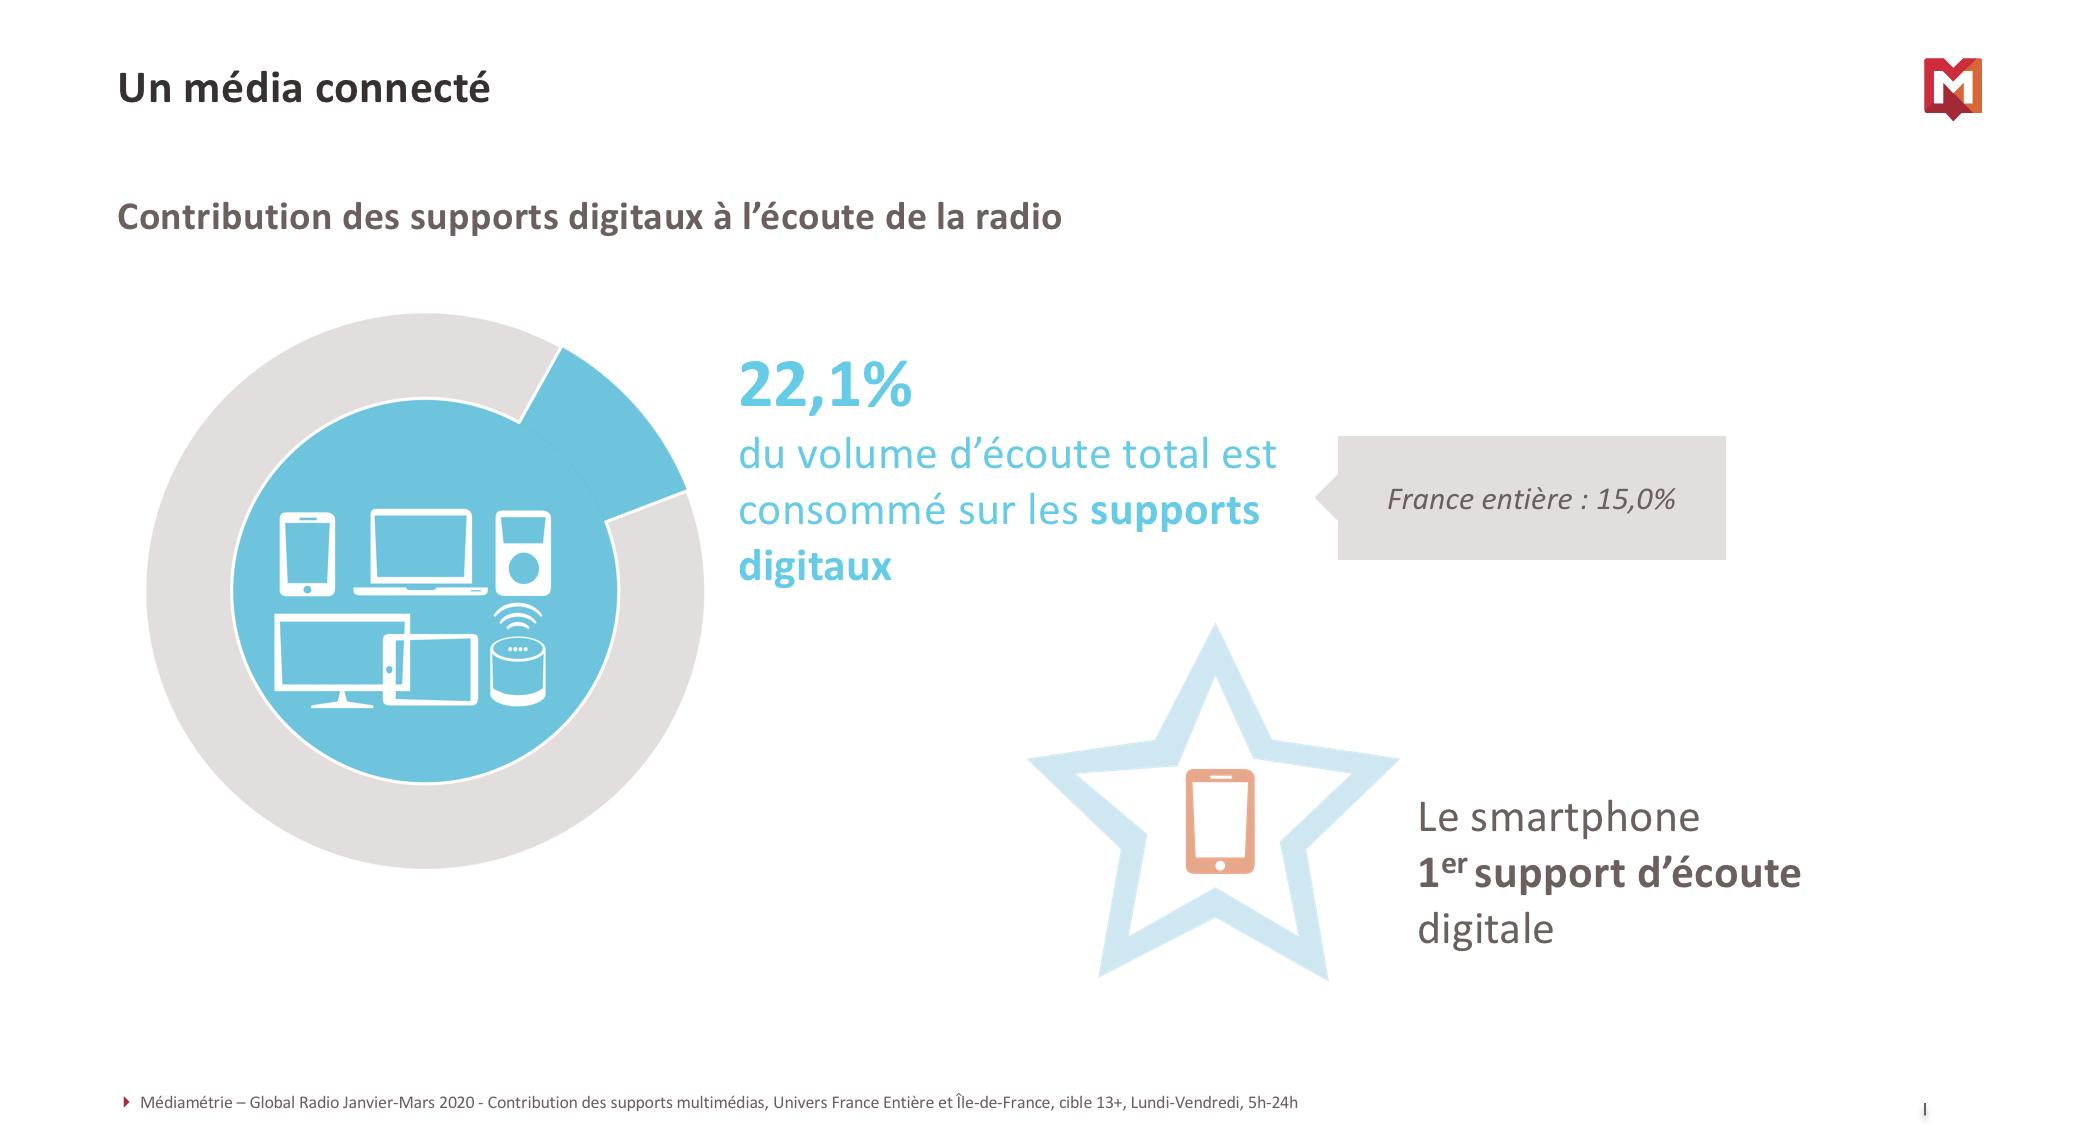 RadioTour : Médiamétrie dévoile des chiffres exclusifs sur les audiences en Île-de-France